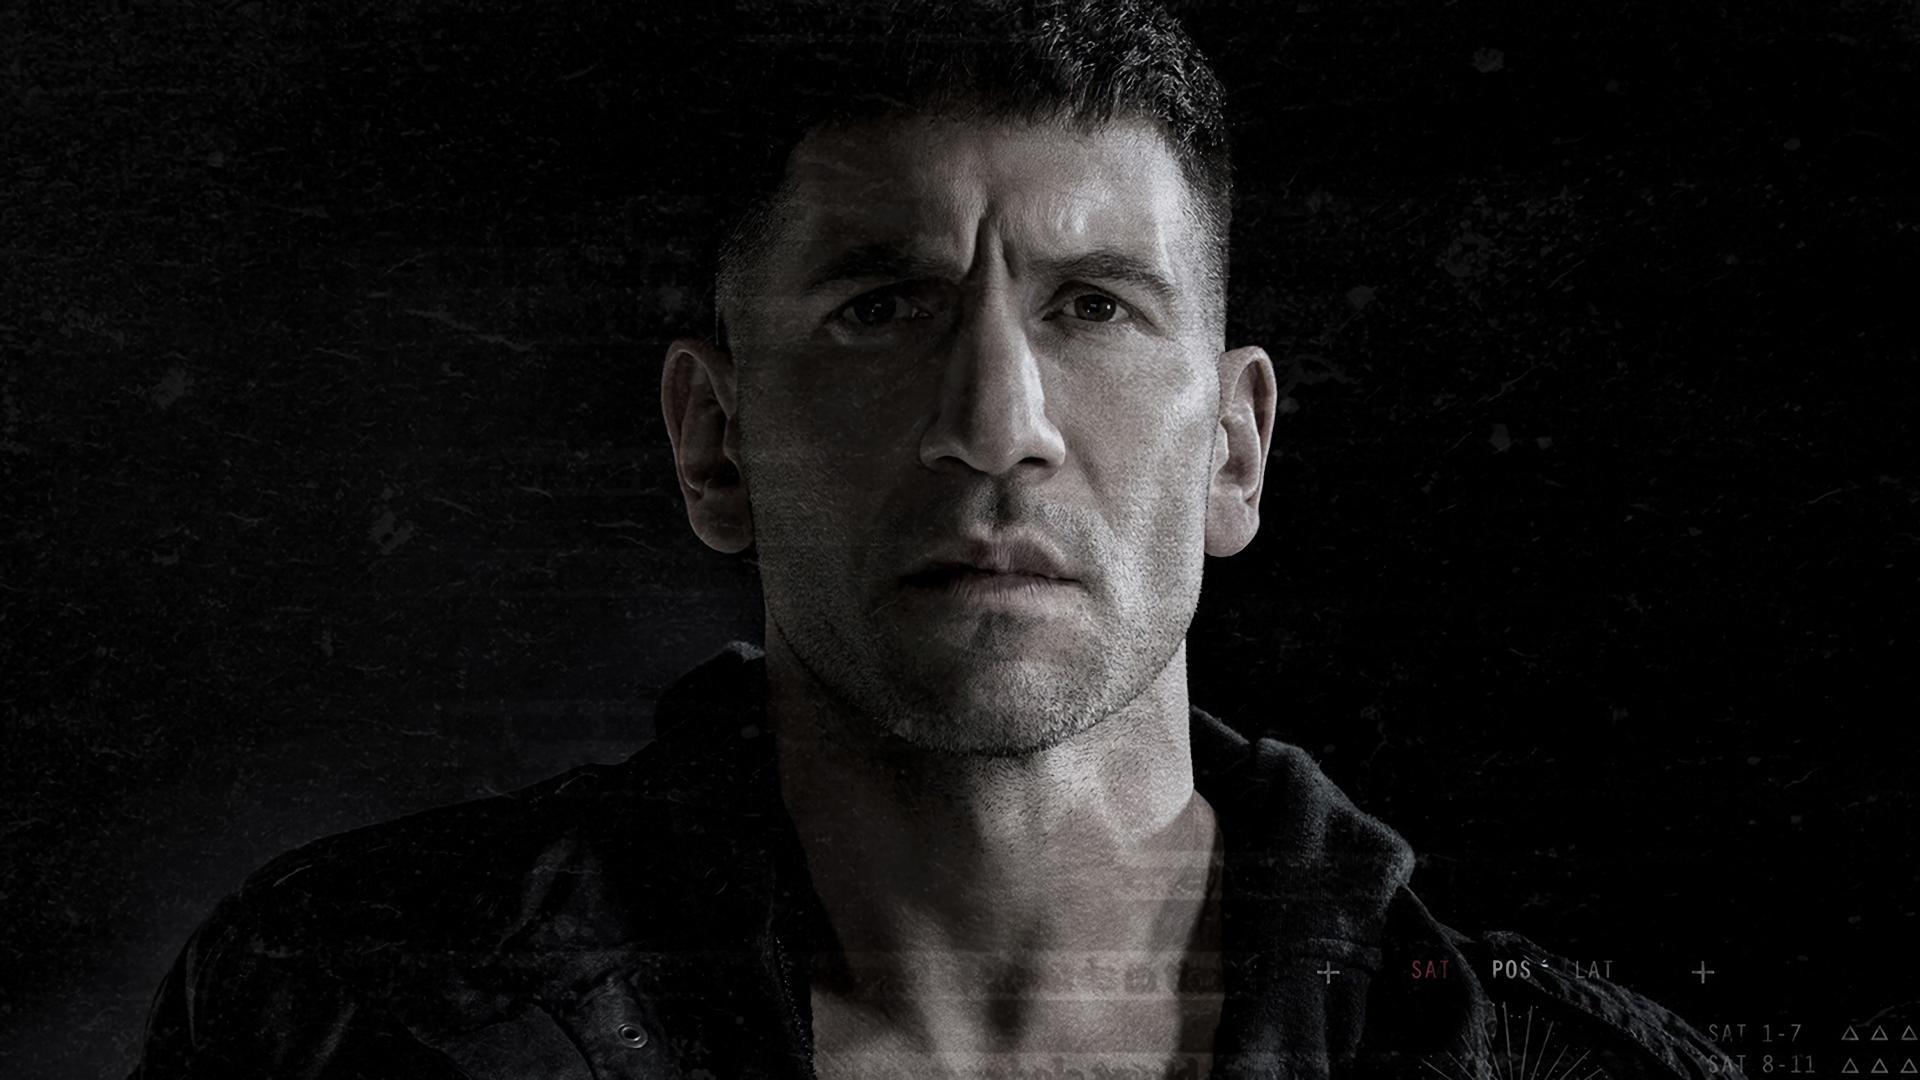 Jon Bernthal Punisher Wallpapers Top Free Jon Bernthal Punisher